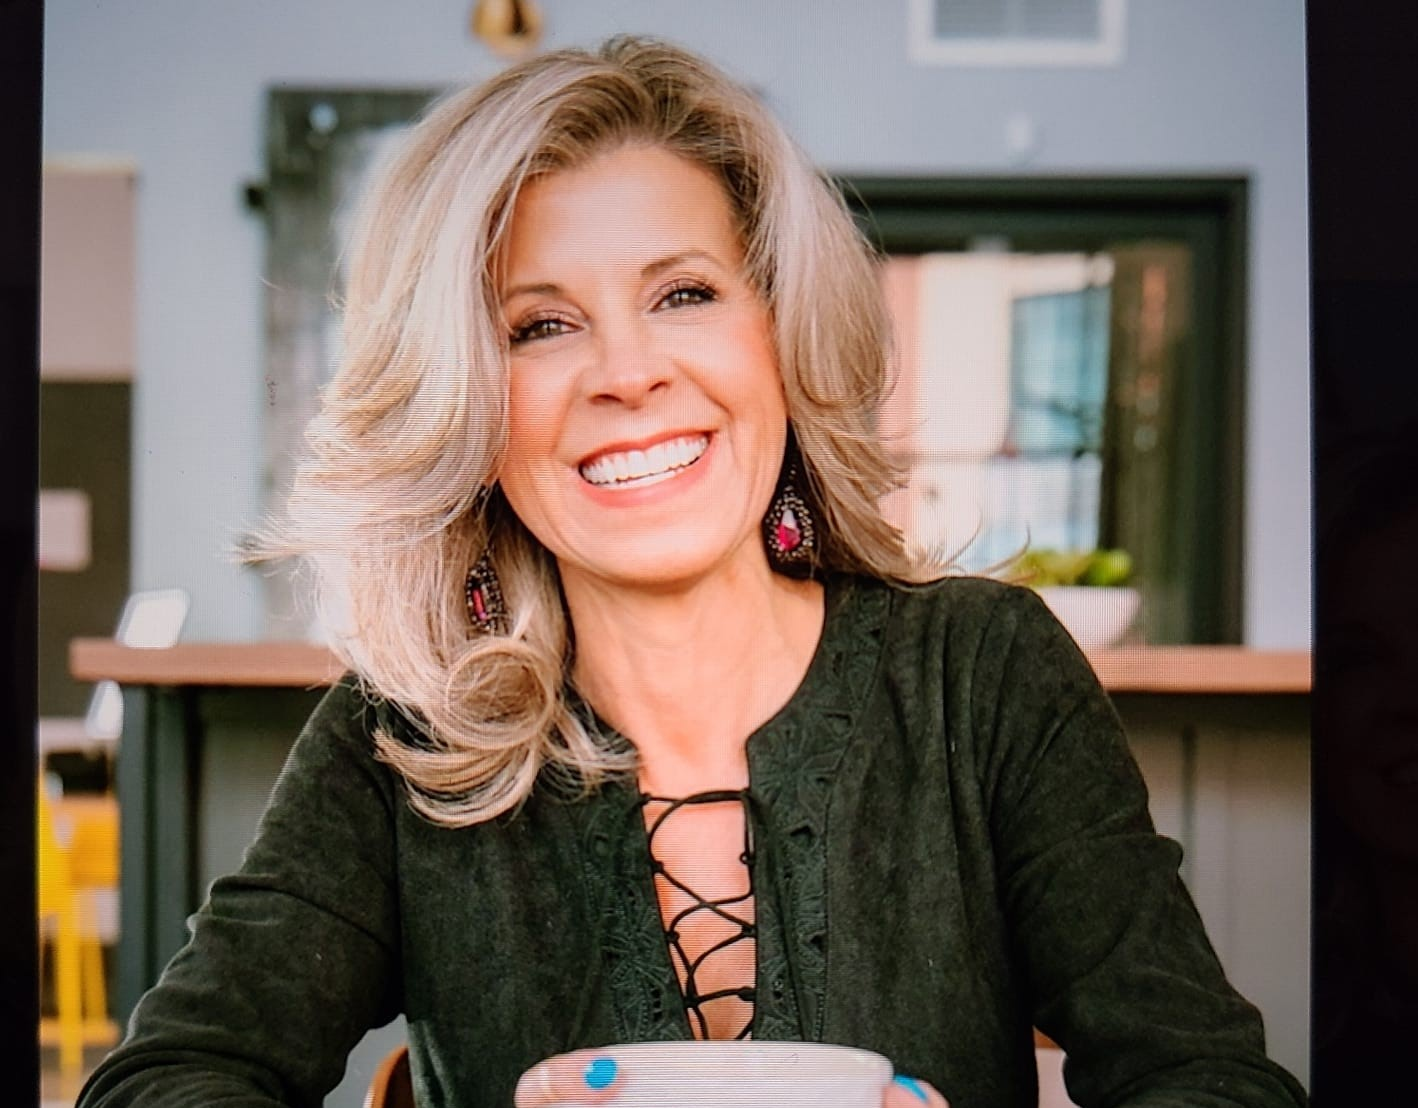 Gina Winterstein